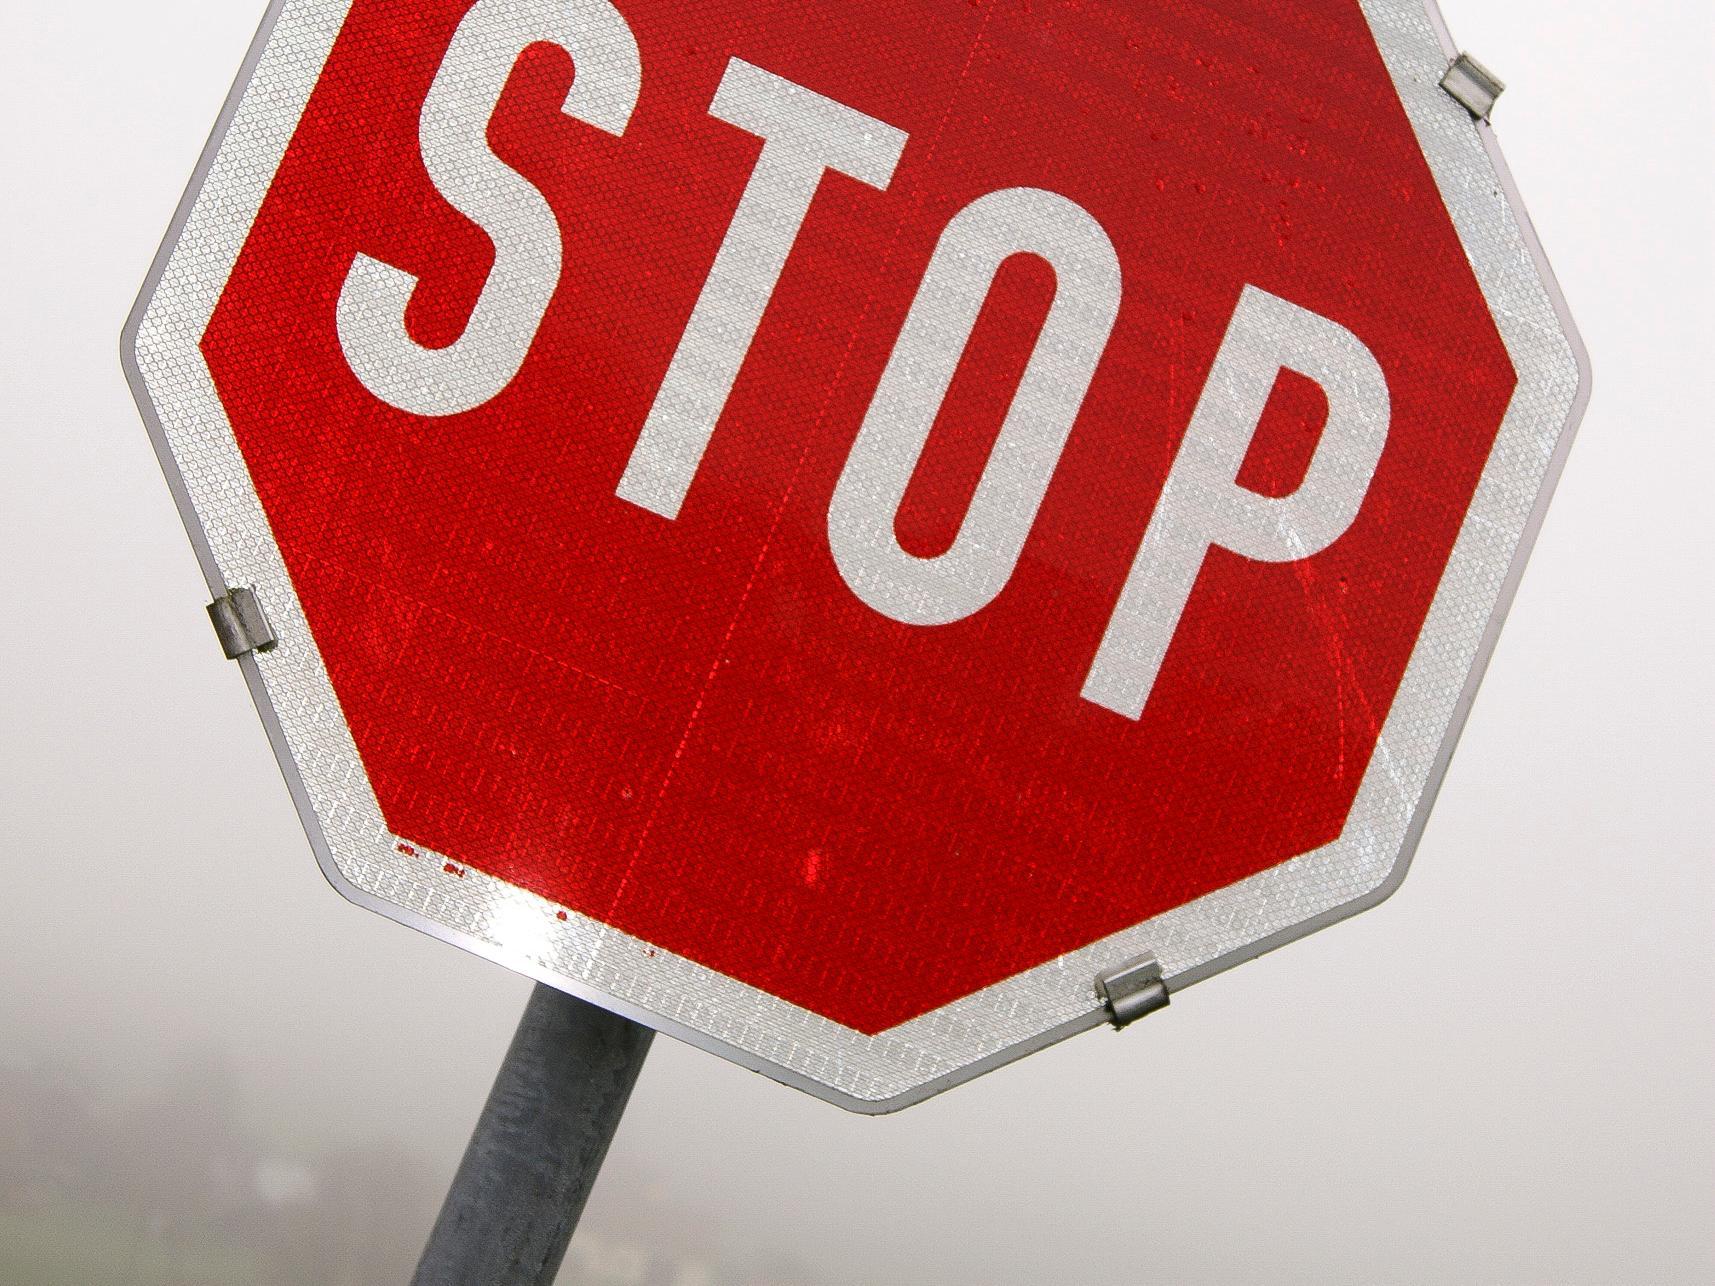 Stop (c) Bild: Martin Manigatterer In: Pfarrbriefservice.de